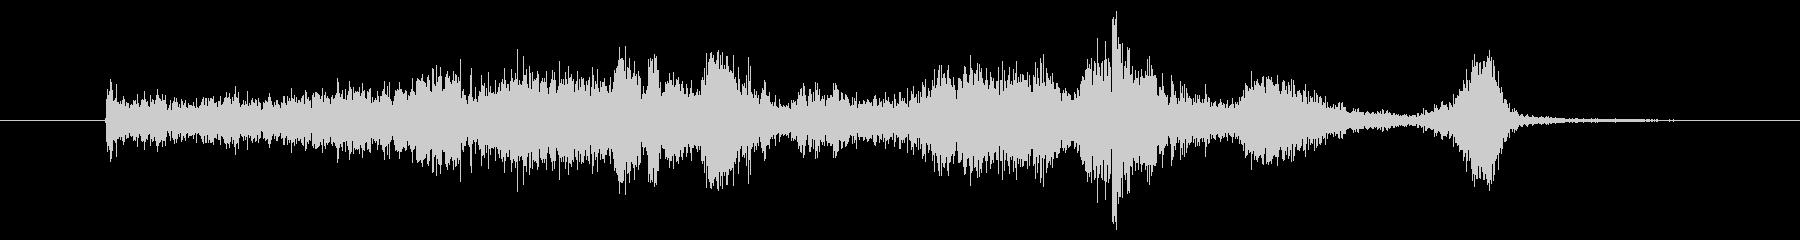 メタルシンク スクレープスウィッシュ01の未再生の波形